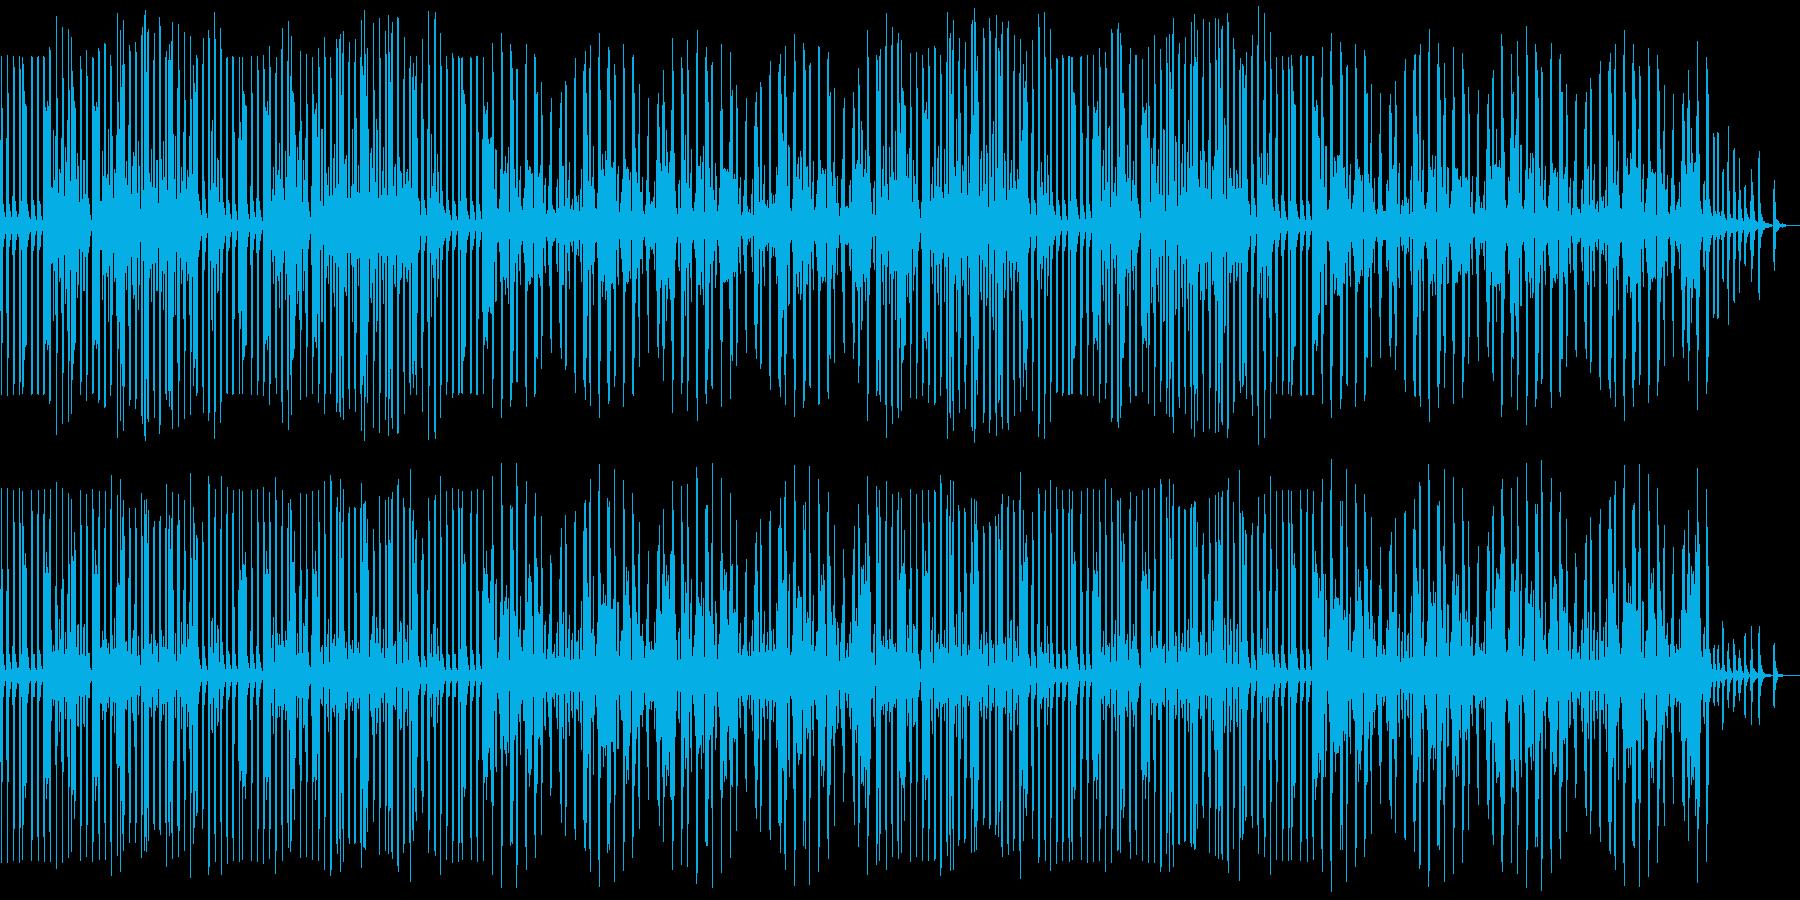 バイオリンとアコーディオン。タンゴ調の再生済みの波形